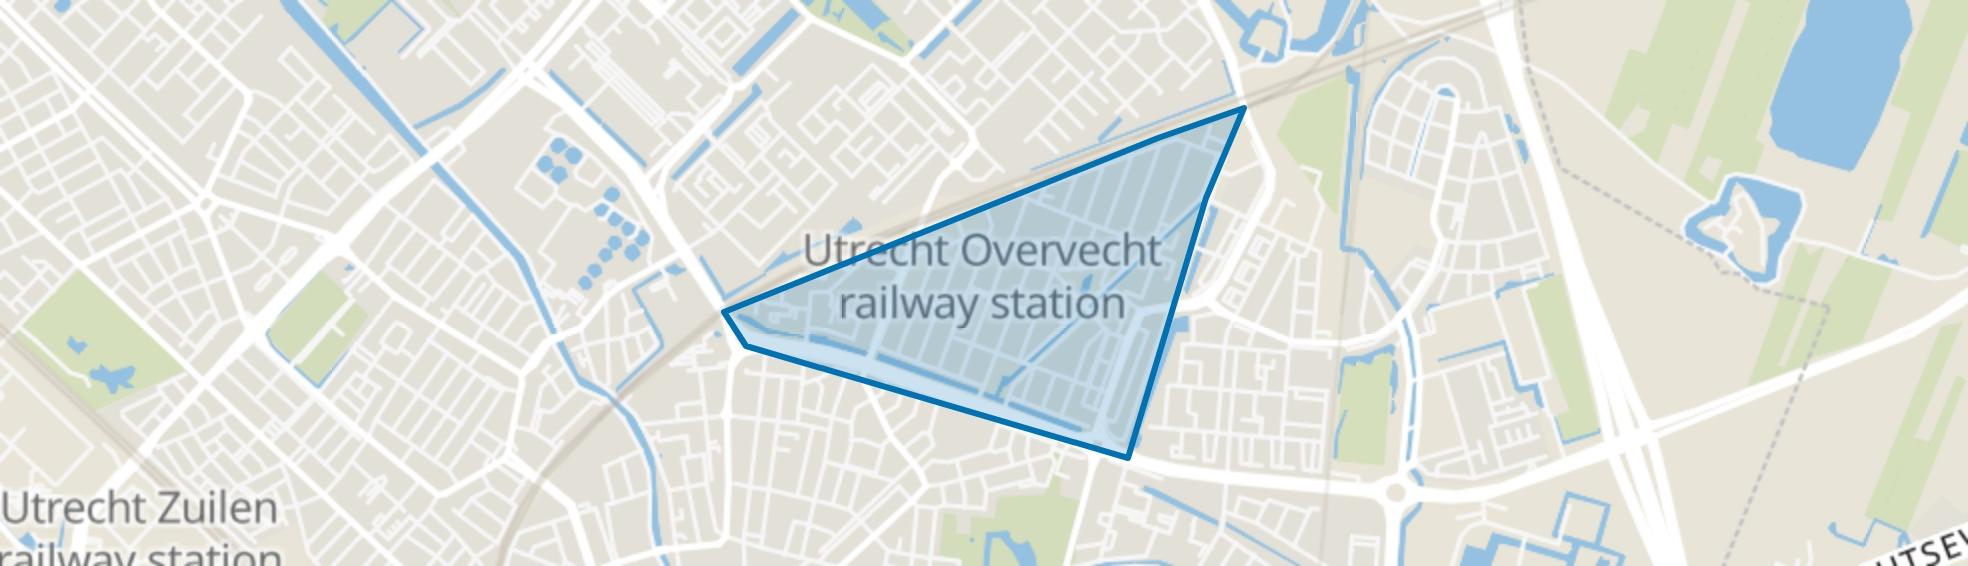 Tuindorp en Van Lieflandlaan-West, Utrecht map